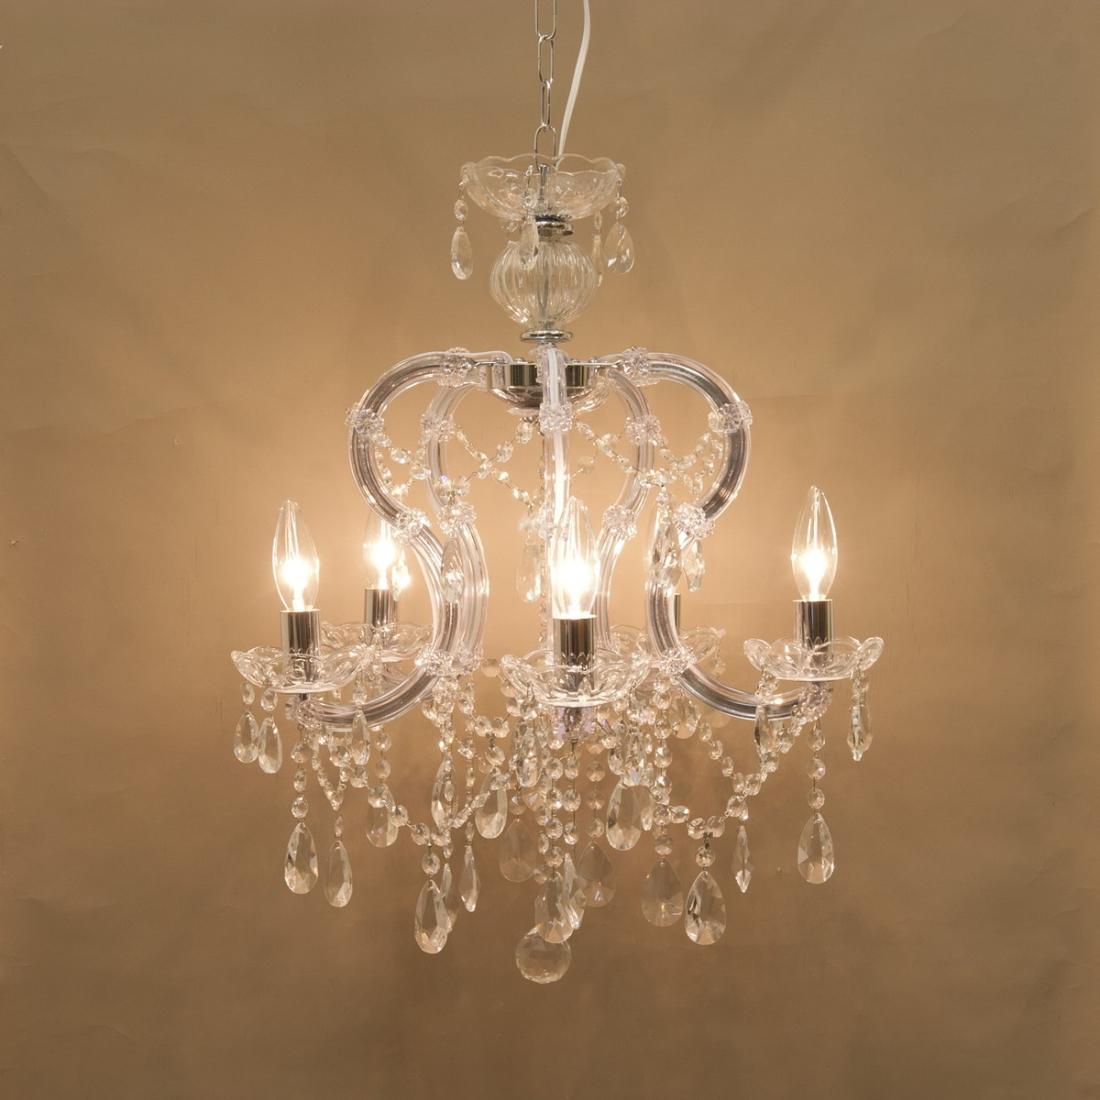 部屋 模様替え 洋風 クリスタルガラスシャンデリア[ギャラクシー] LED対応<E12/水雷型>クリスタルクリアー